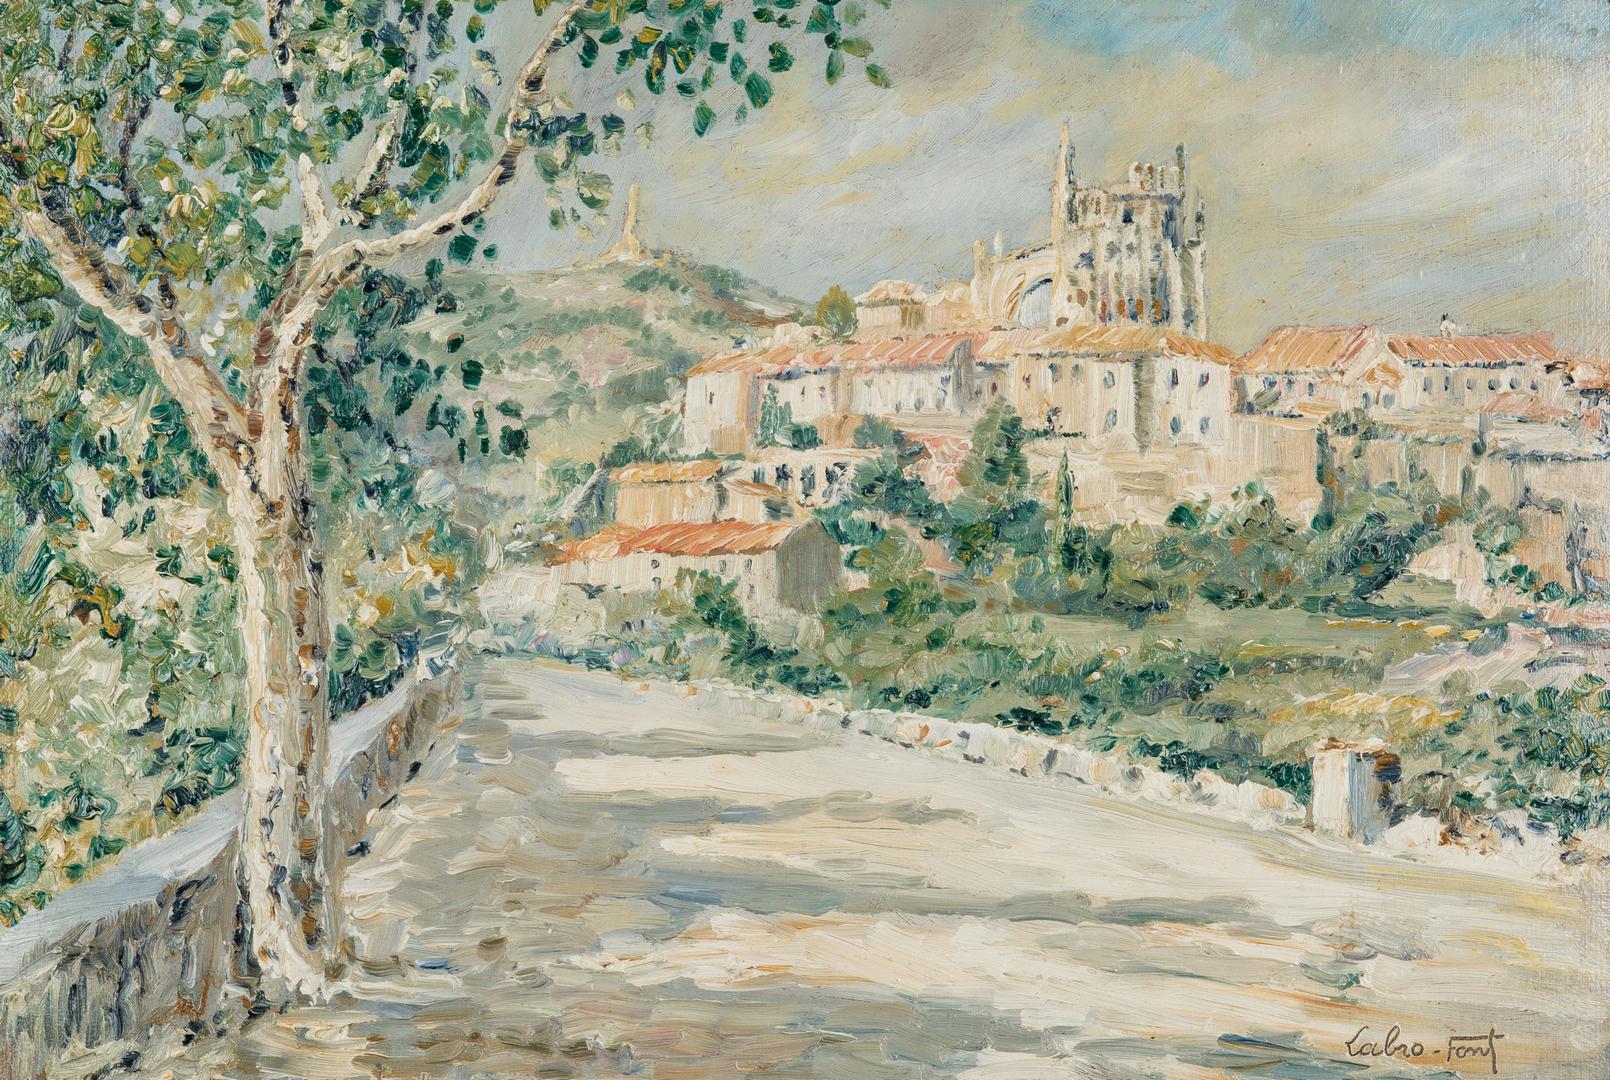 Lot 311: Louis Labro-Font Landscape Painting